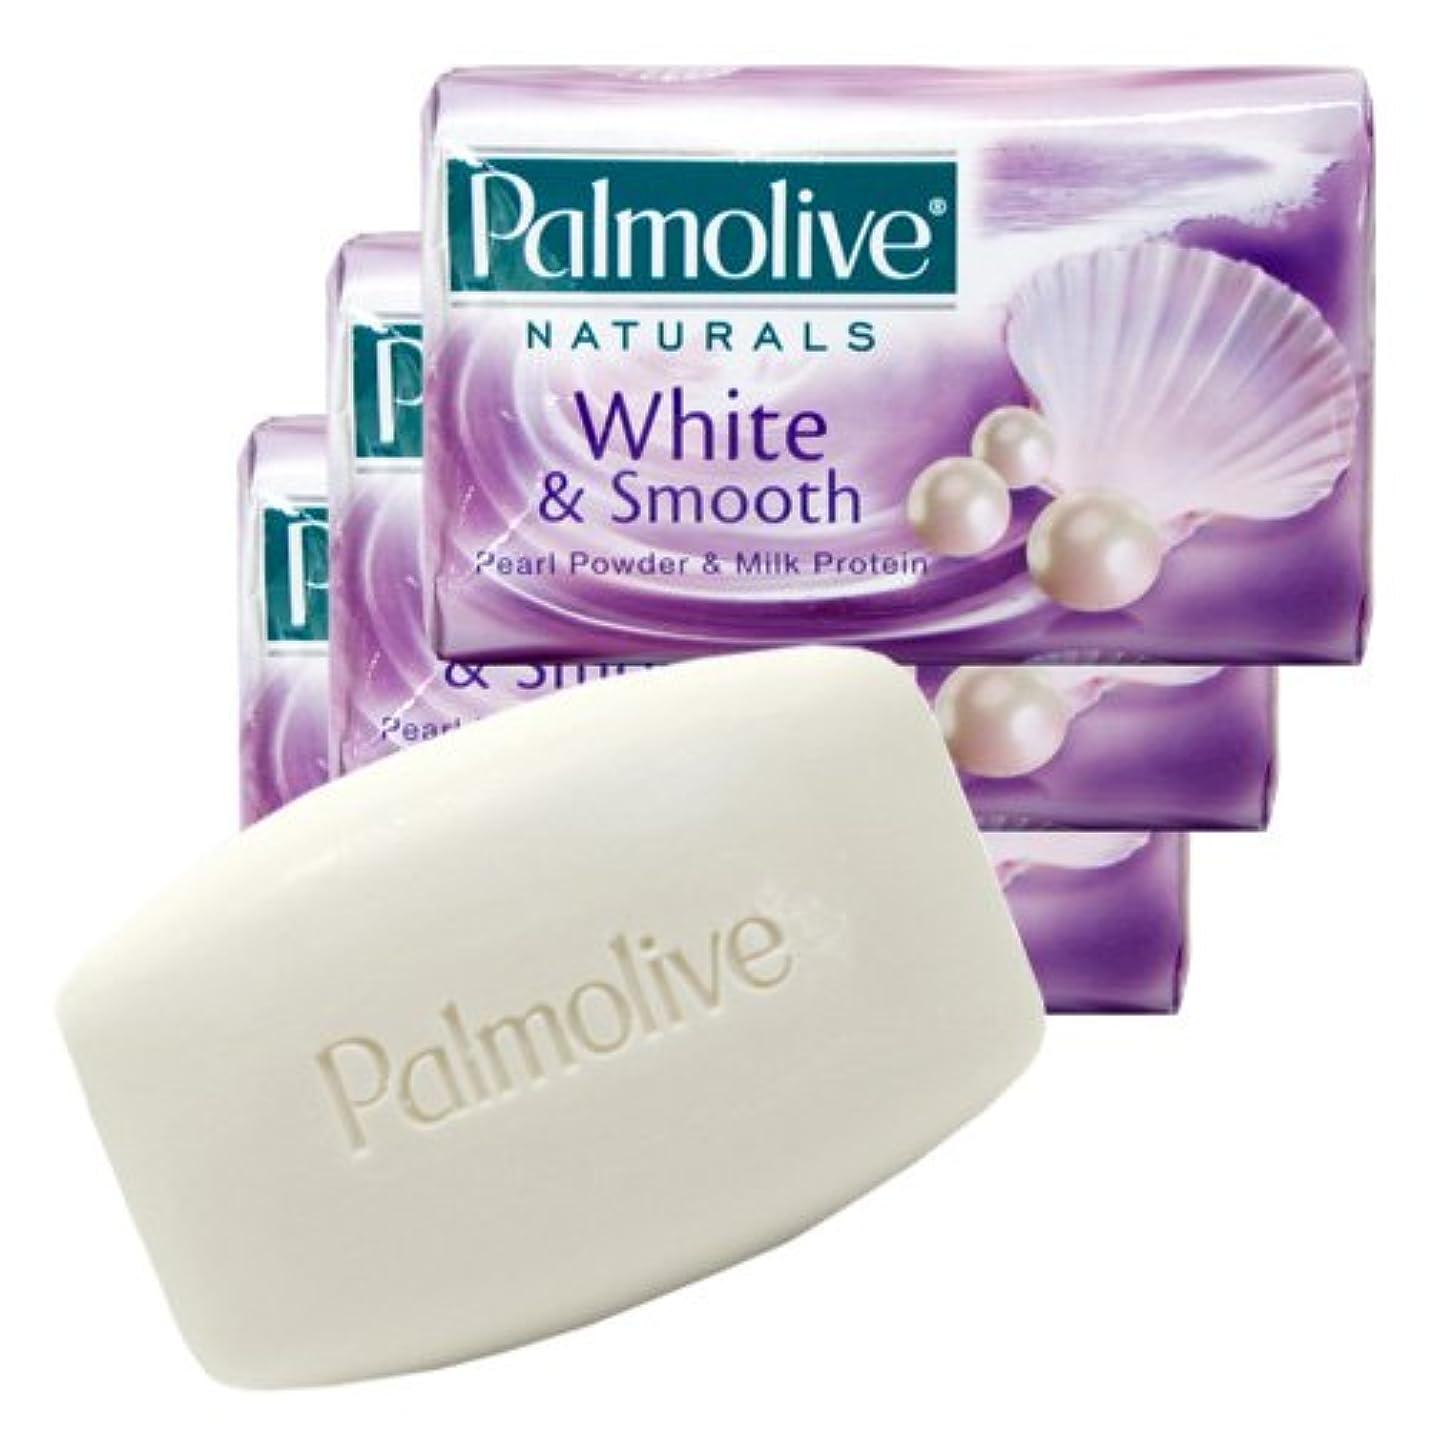 ソブリケット恩恵実行【Palmolive】パルモリーブ ナチュラルズ石鹸3個パック ホワイト&スムース(パールパウダー&ミルクプロテイン)80g×3